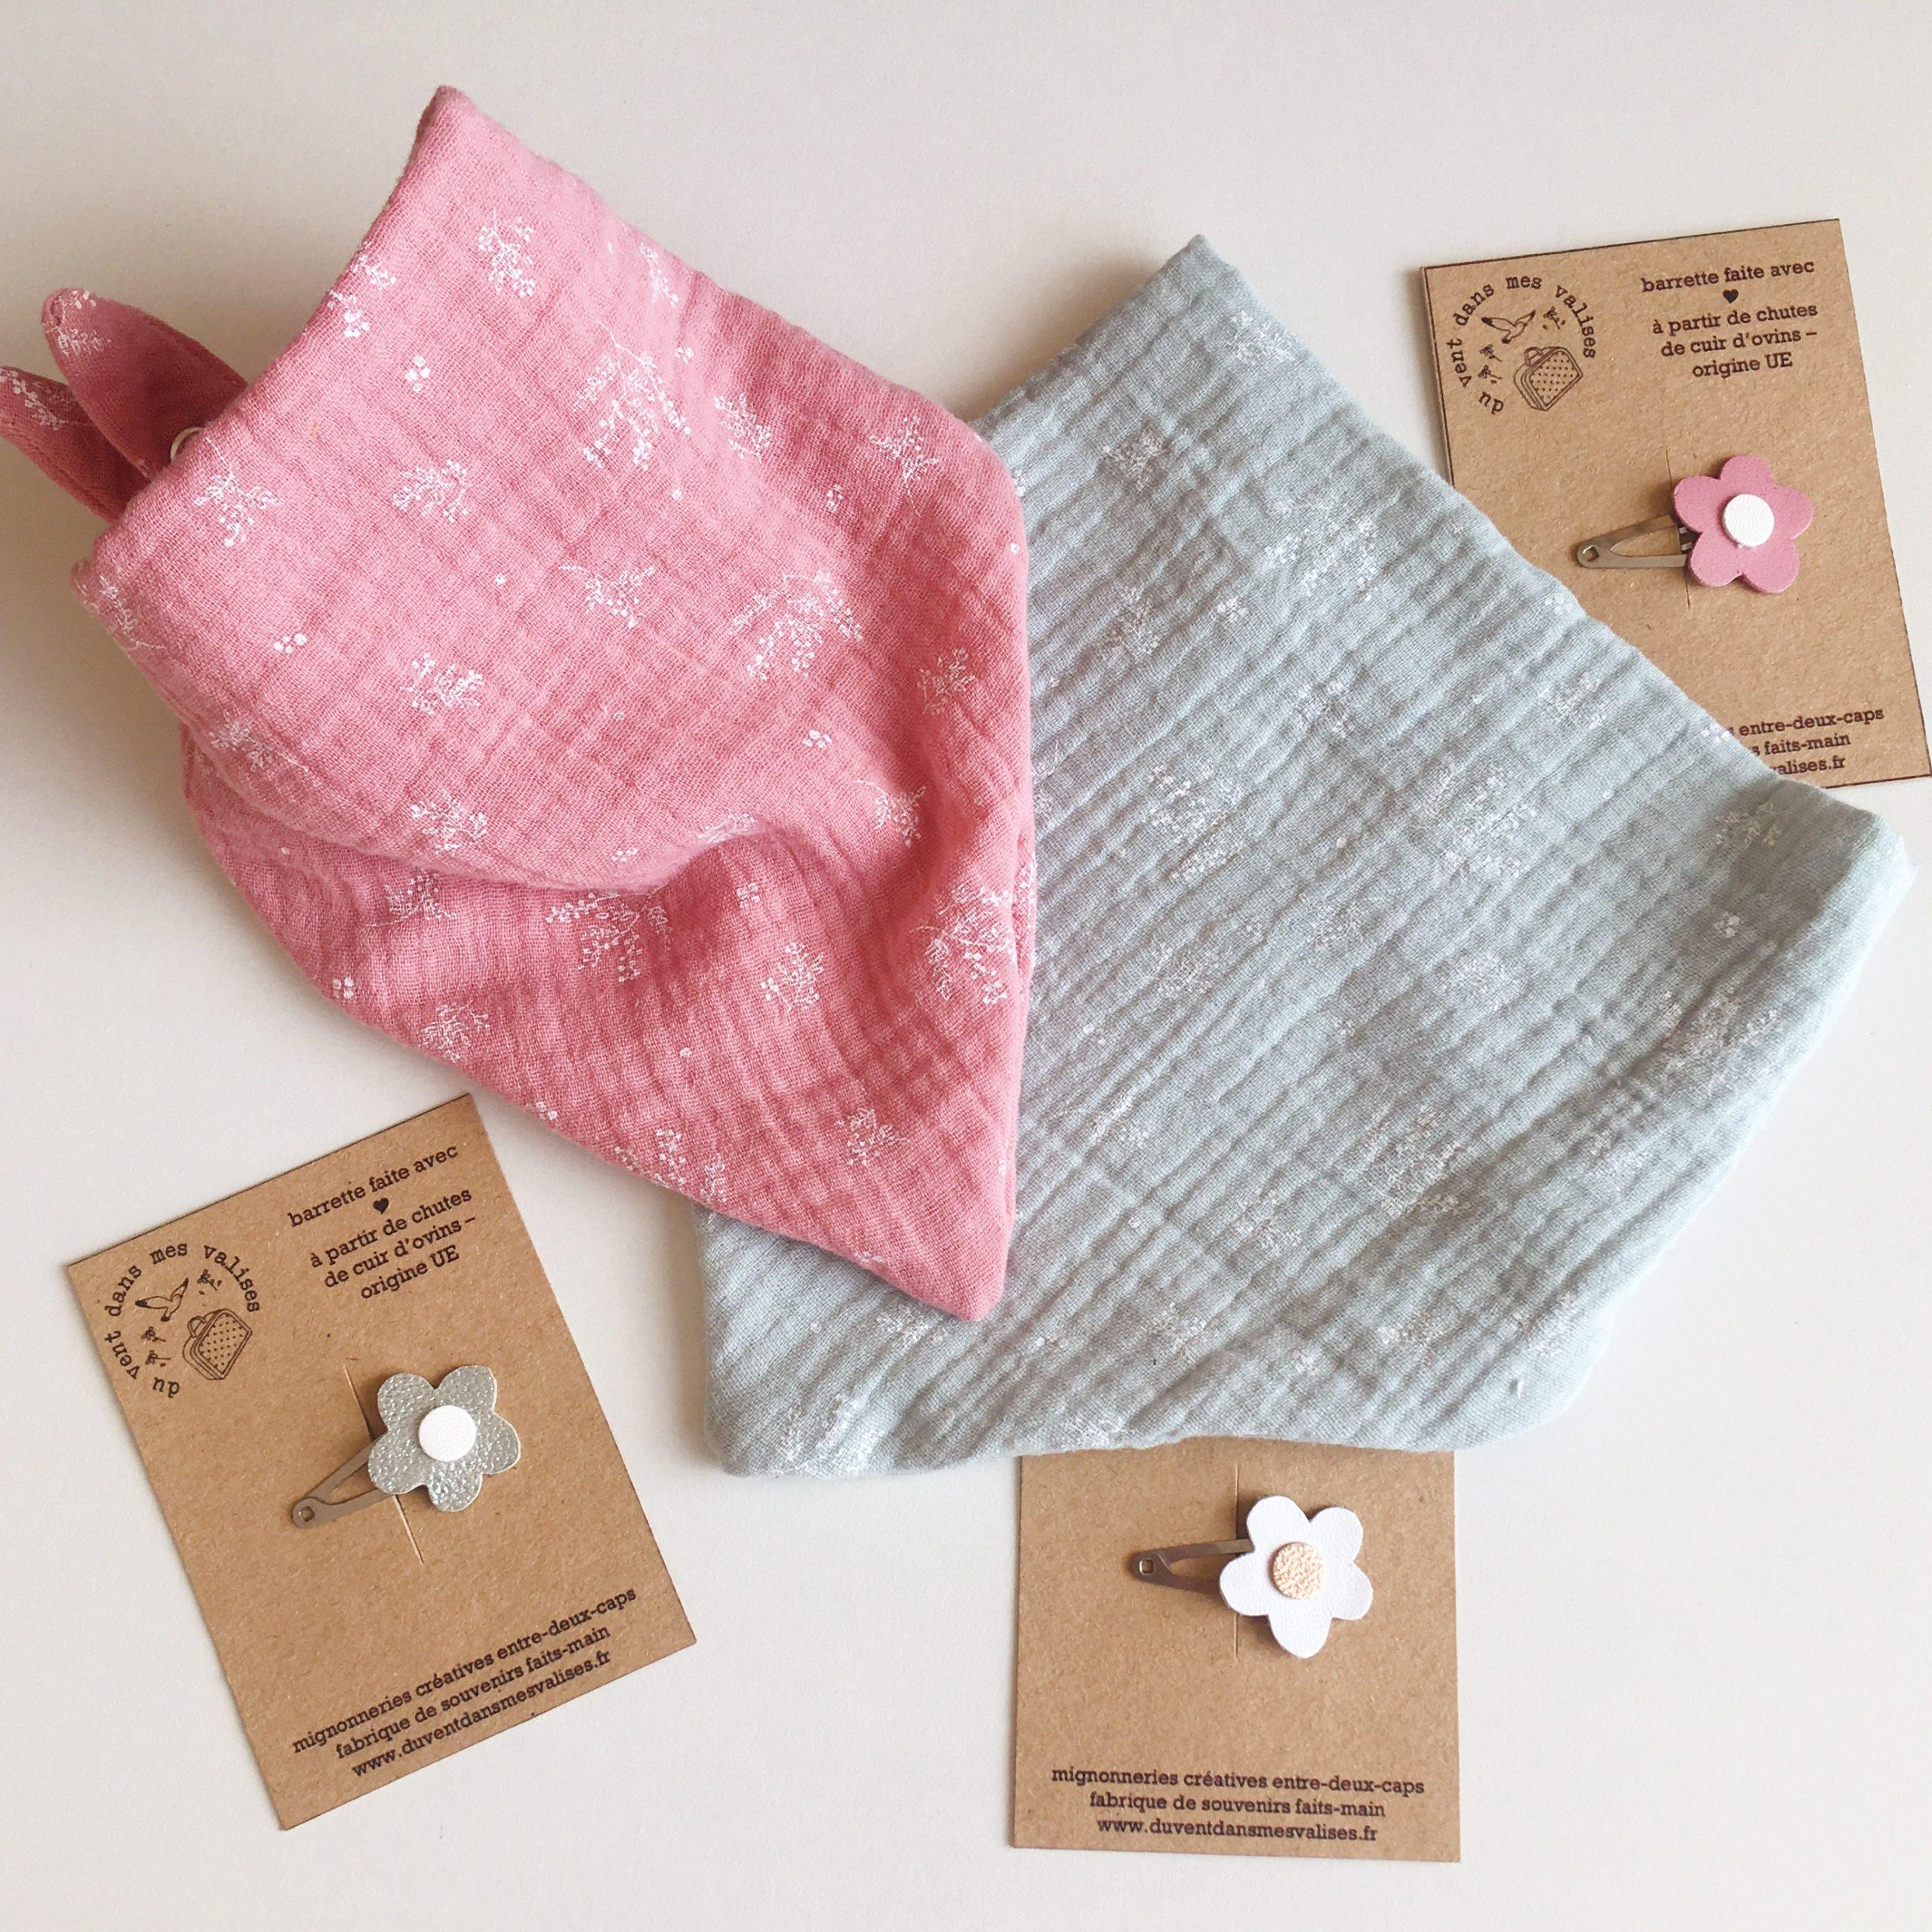 bandanas bébé made in France double gaze imprimé végétal graciles graminées - du vent dans mes valises